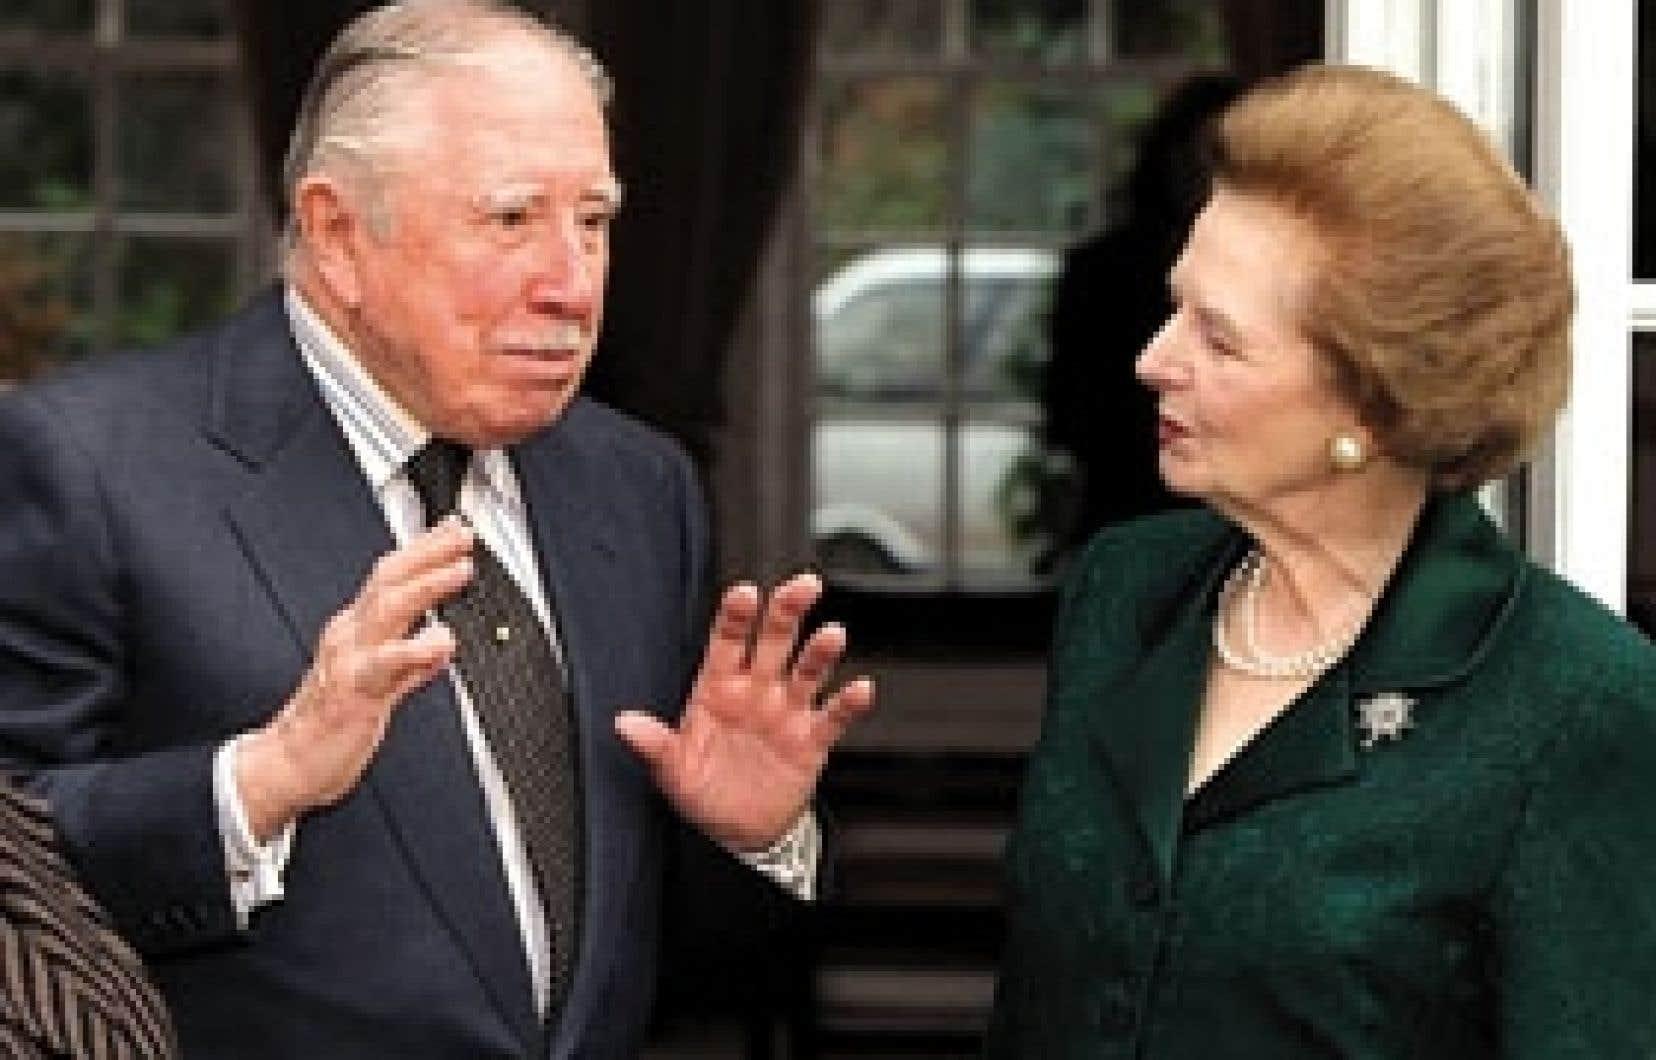 Augusto Pinochet s'entretient avec l'ancien premier ministre britannique Margaret Thatcher, en 1999. La dame de fer a été l'un des plus proches alliés du dictateur en Grande-Bretagne.